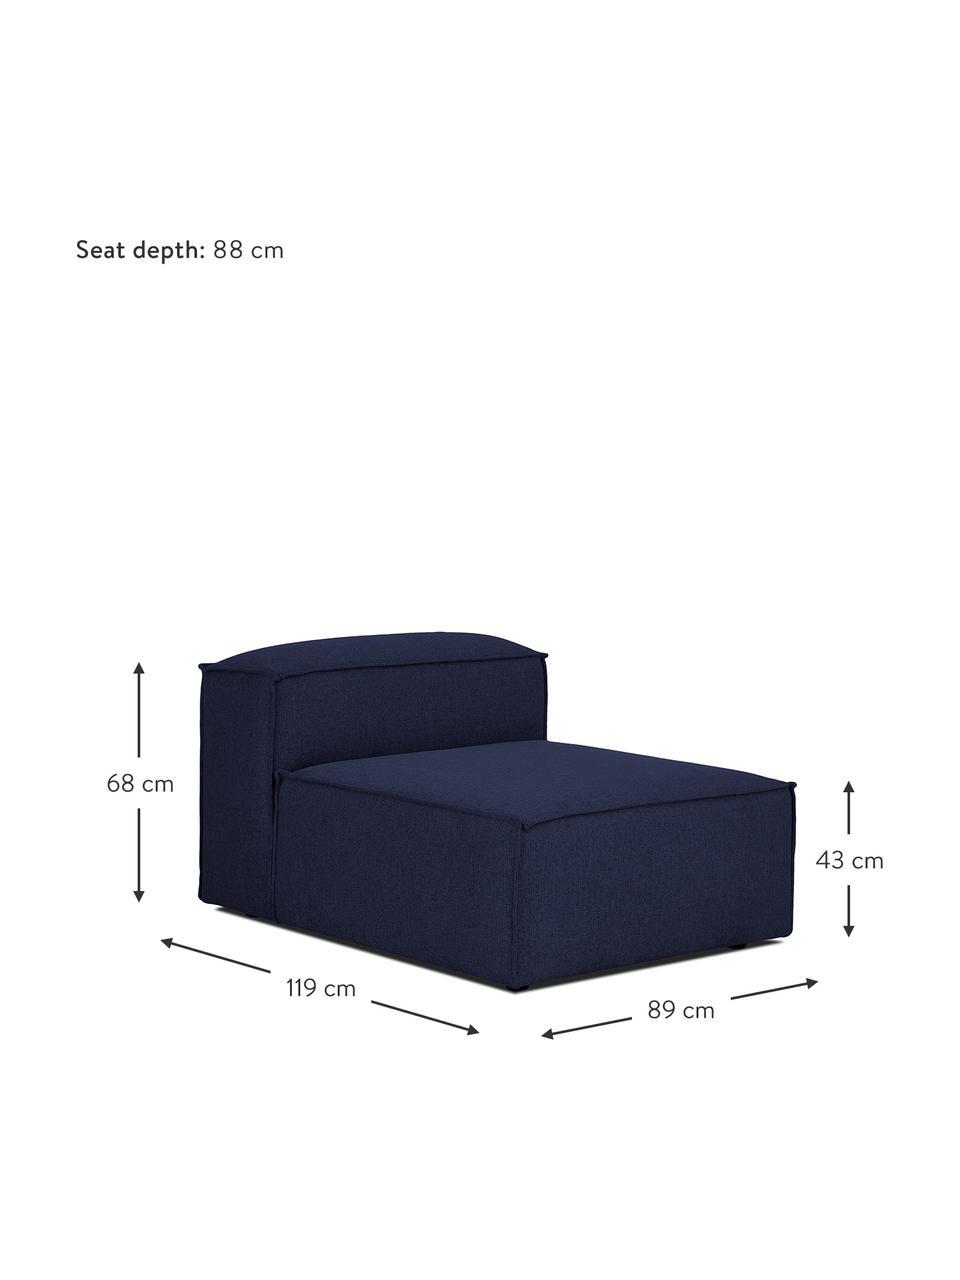 Middelste module Lennon in blauw, Bekleding: 100% polyester De slijtva, Frame: massief grenenhout, multi, Poten: kunststof De poten bevind, Geweven stof blauw, 89 x 119 cm